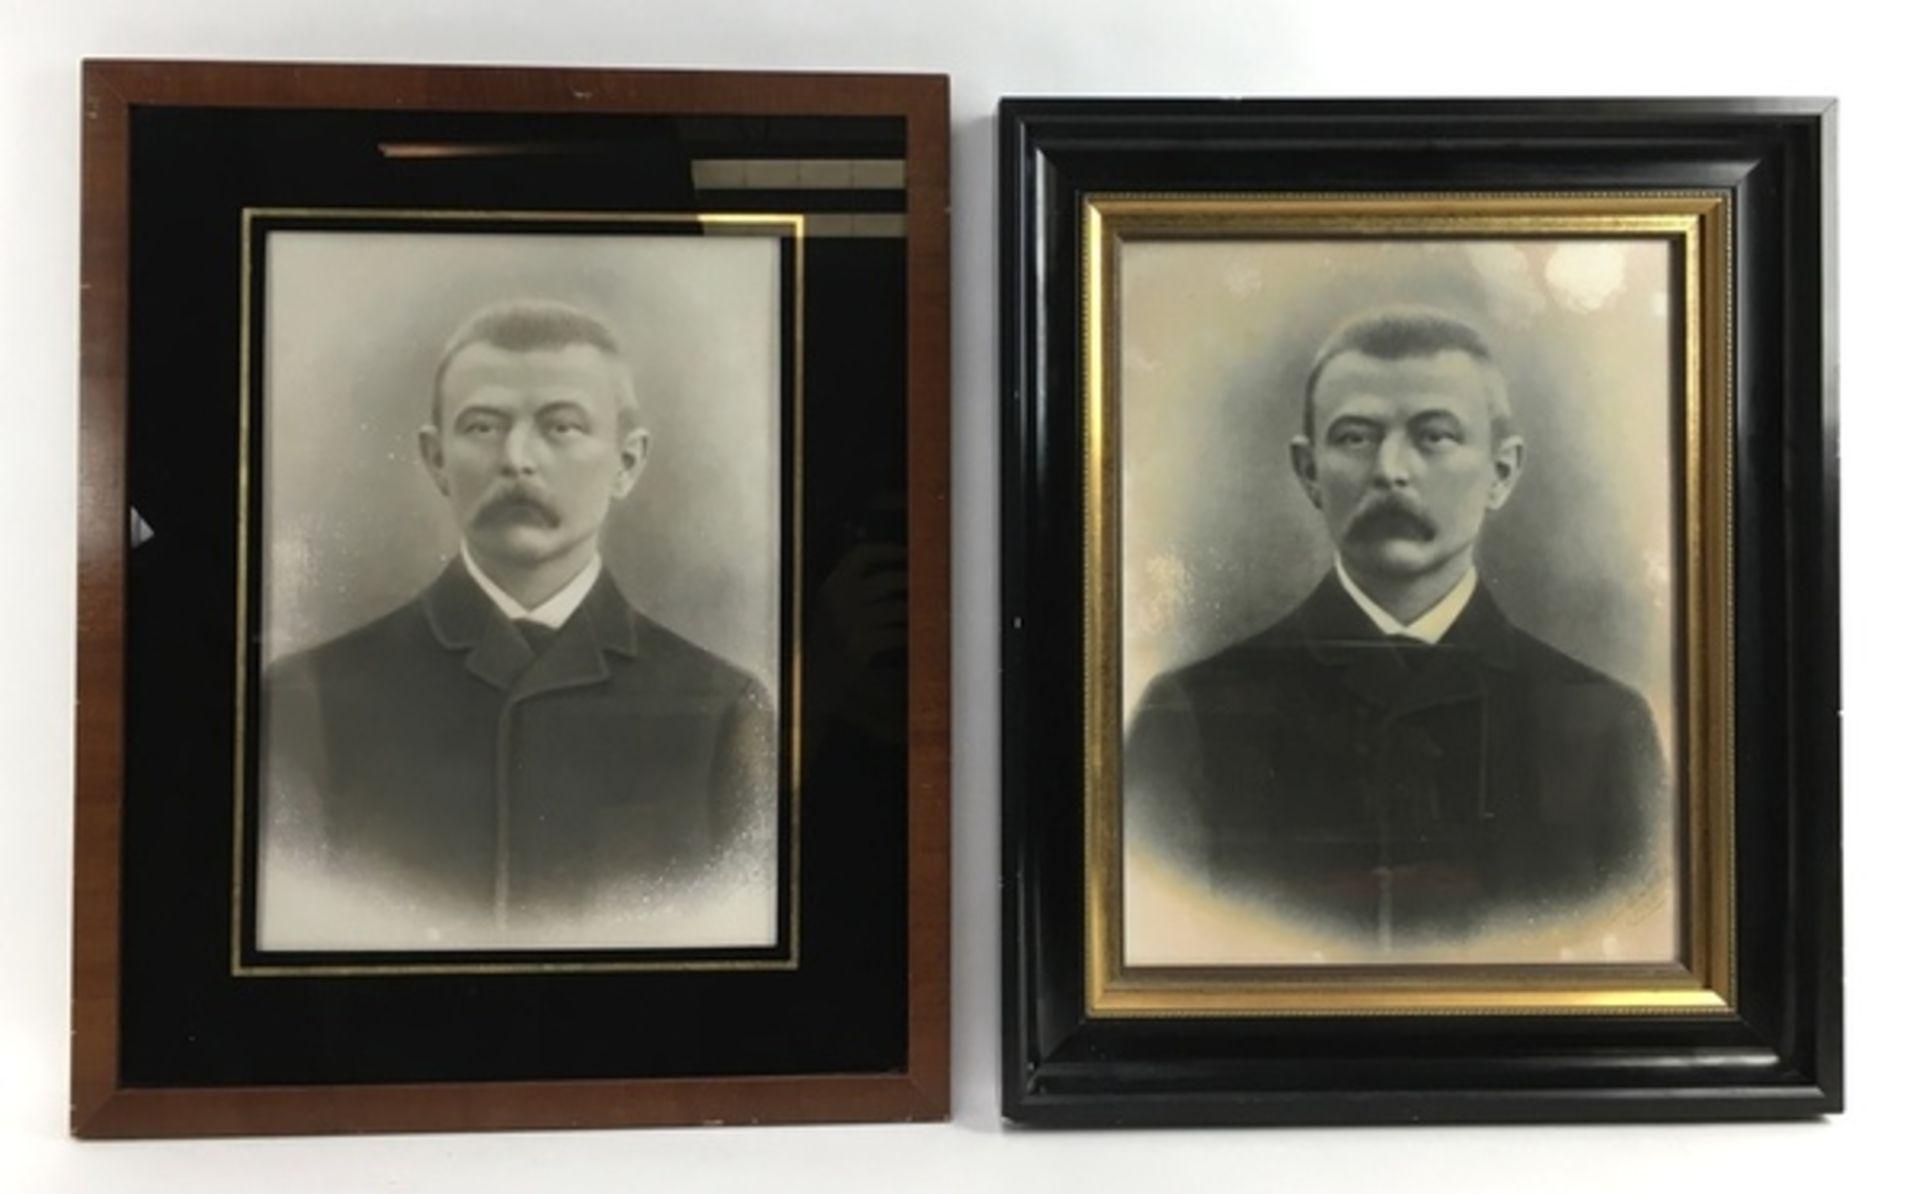 (Fotografie) PortrettenTwee ingelijste portretten, 1906. Conditie: In matige staat. Afmetingen: